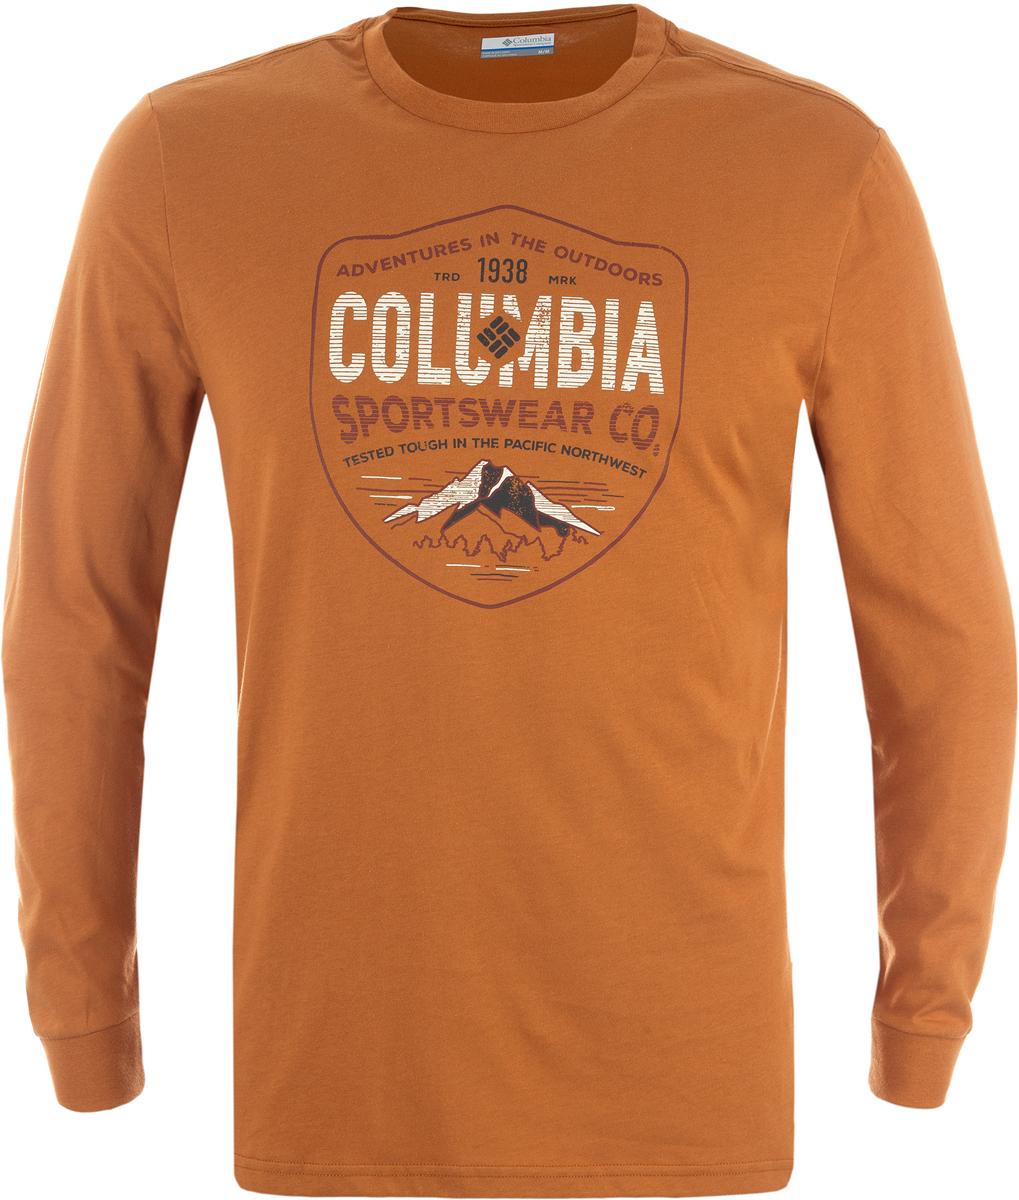 Футболка муж Columbia Rugged Shield Ls M T-Shirt, цвет: коричневый. 1739411-708. Размер S (44/46)1739411-708Мужская футболка с длинным рукавом, выполненная из натуральных тканей прекрасно дополнит гардероб.